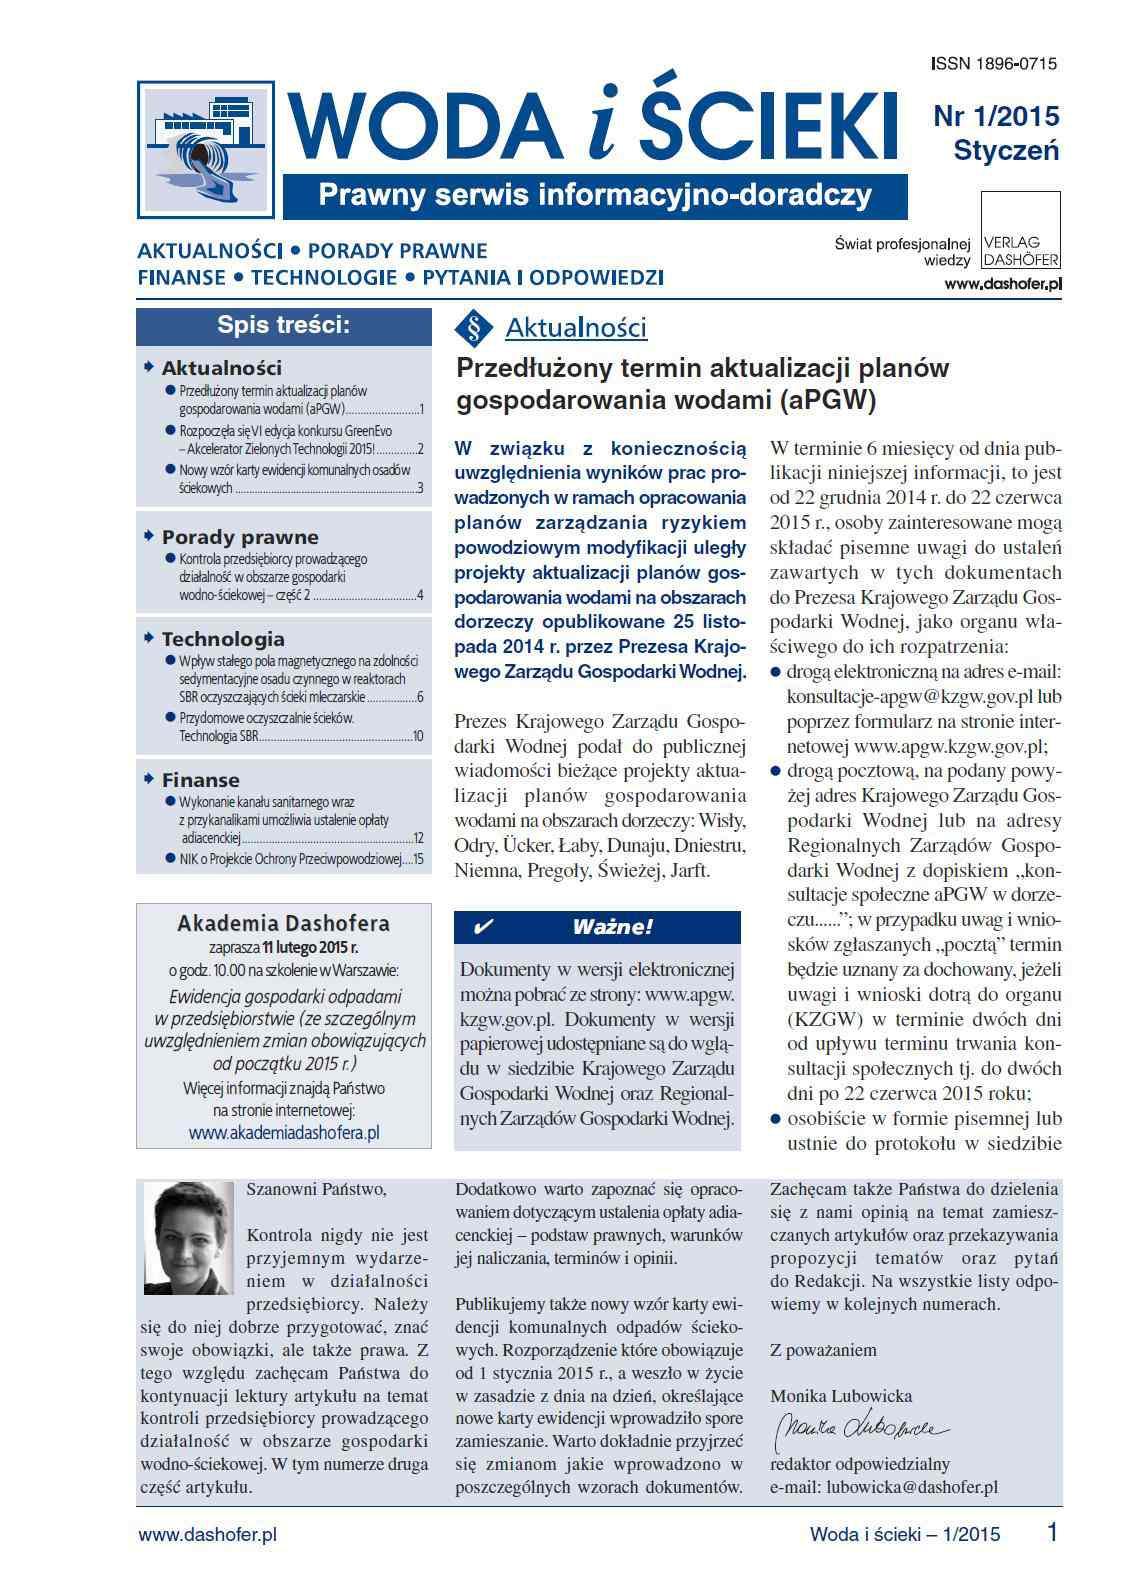 Woda i ścieki. Prawny serwis informacyjno-doradczy. Nr 1/2015 - Ebook (Książka PDF) do pobrania w formacie PDF